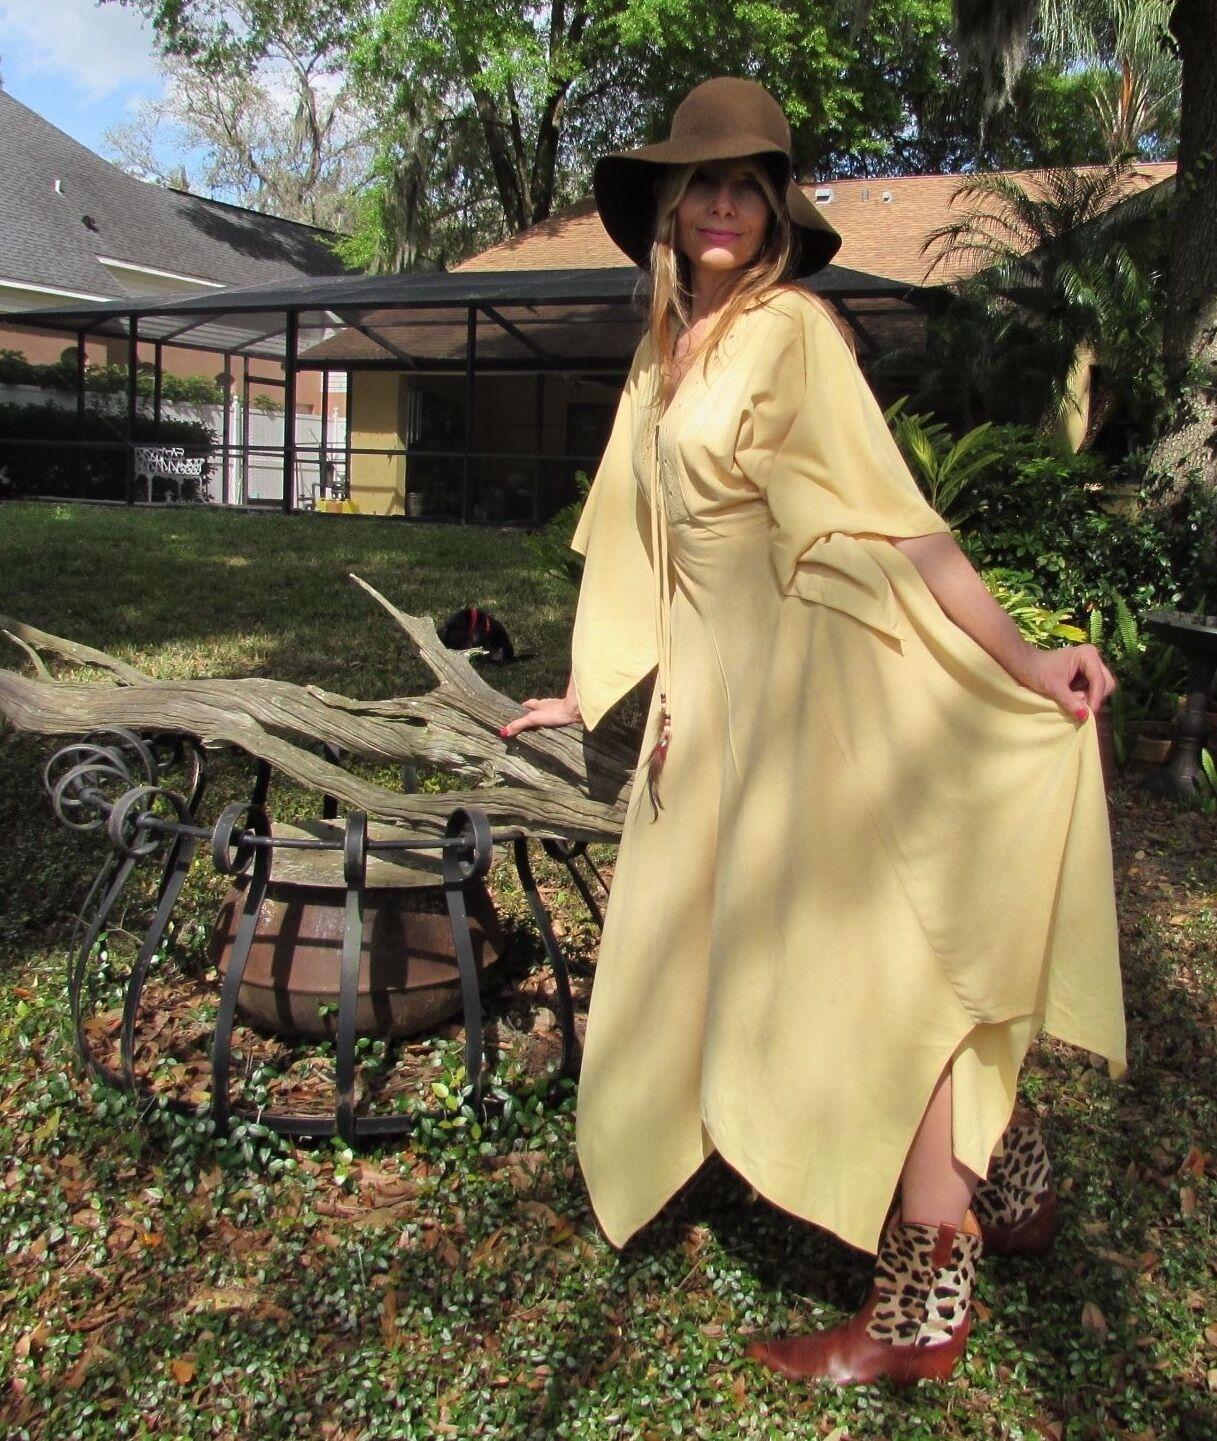 Vintage 70's Epic Boho Goddess Hippie Festival Gypsy SEXY Dress Medium